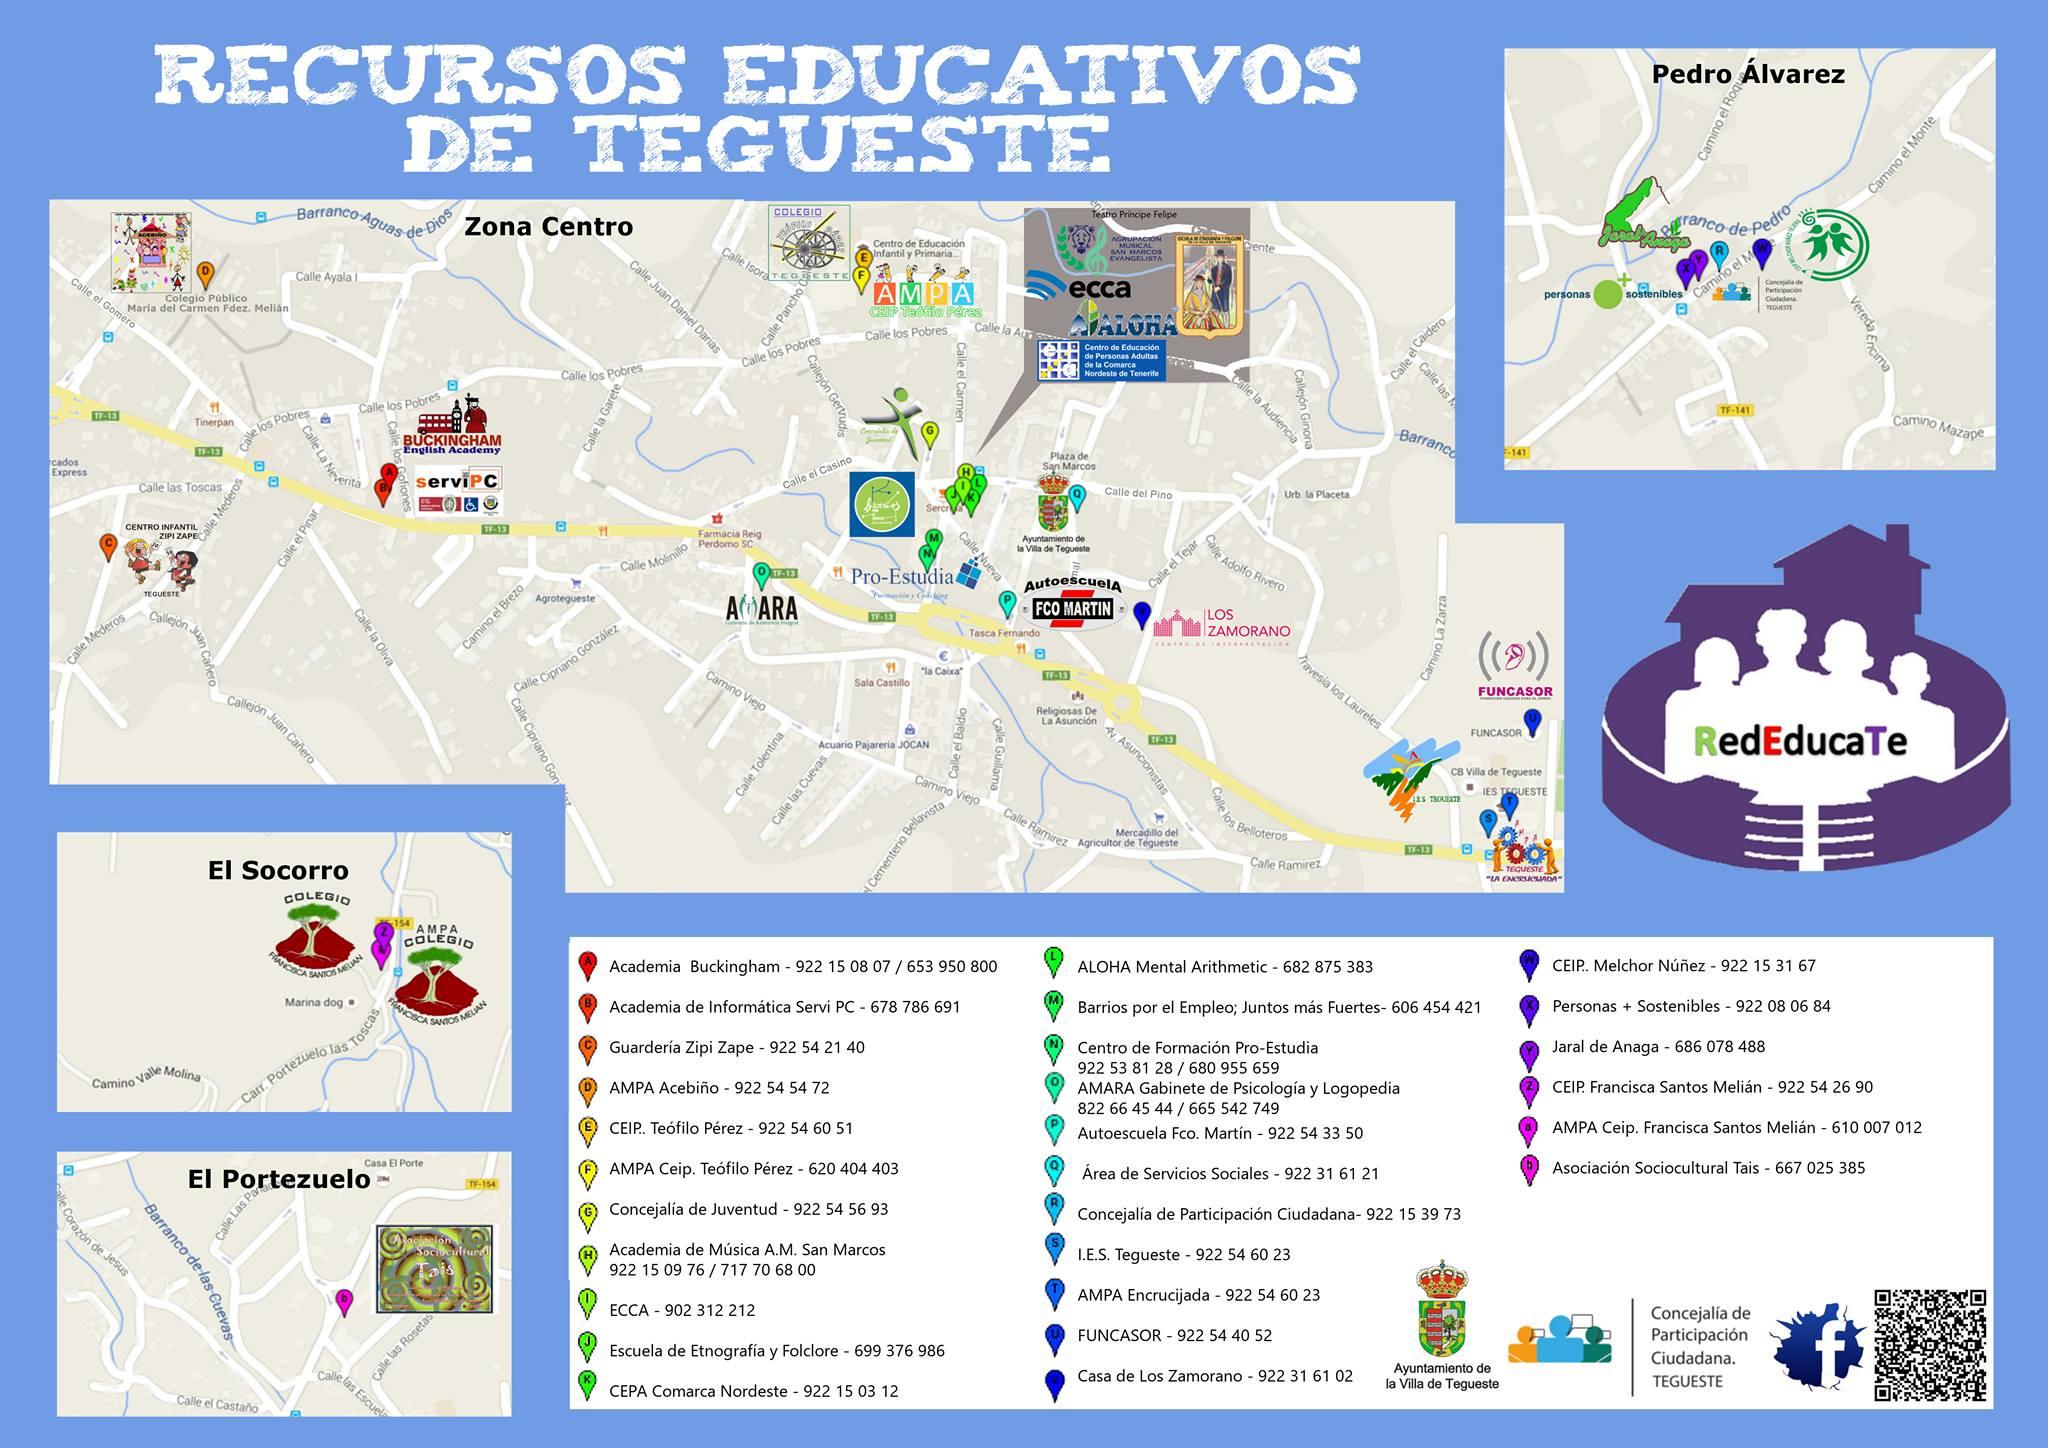 Recursos educativos en Tegueste| InfoTegueste - photo#11